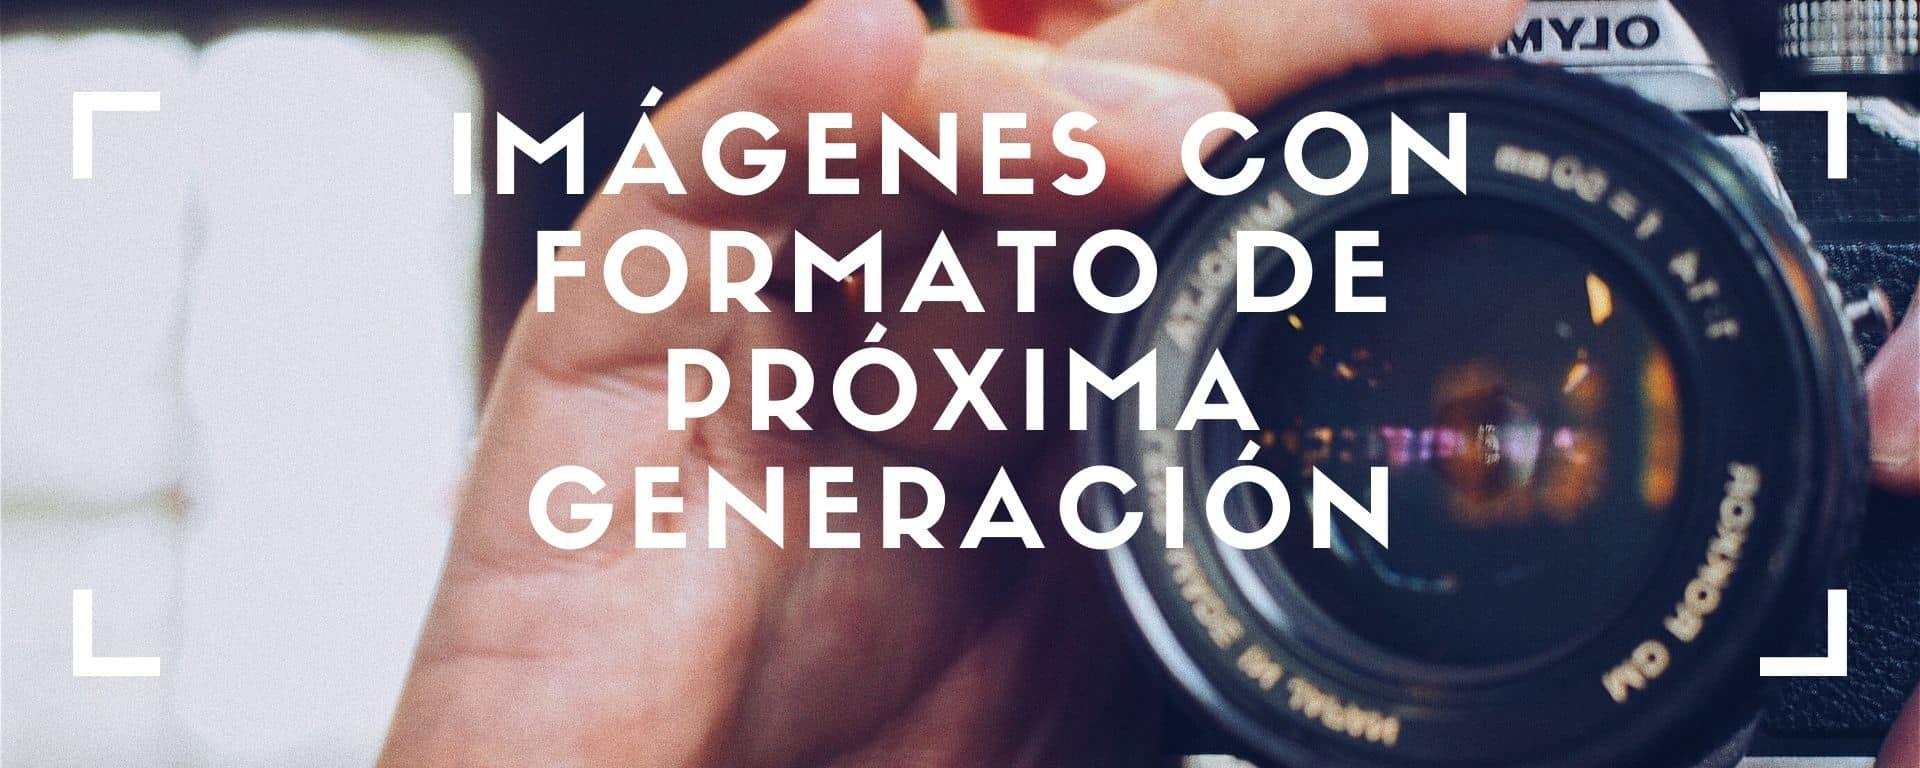 Formato de imágenes de próxima generación